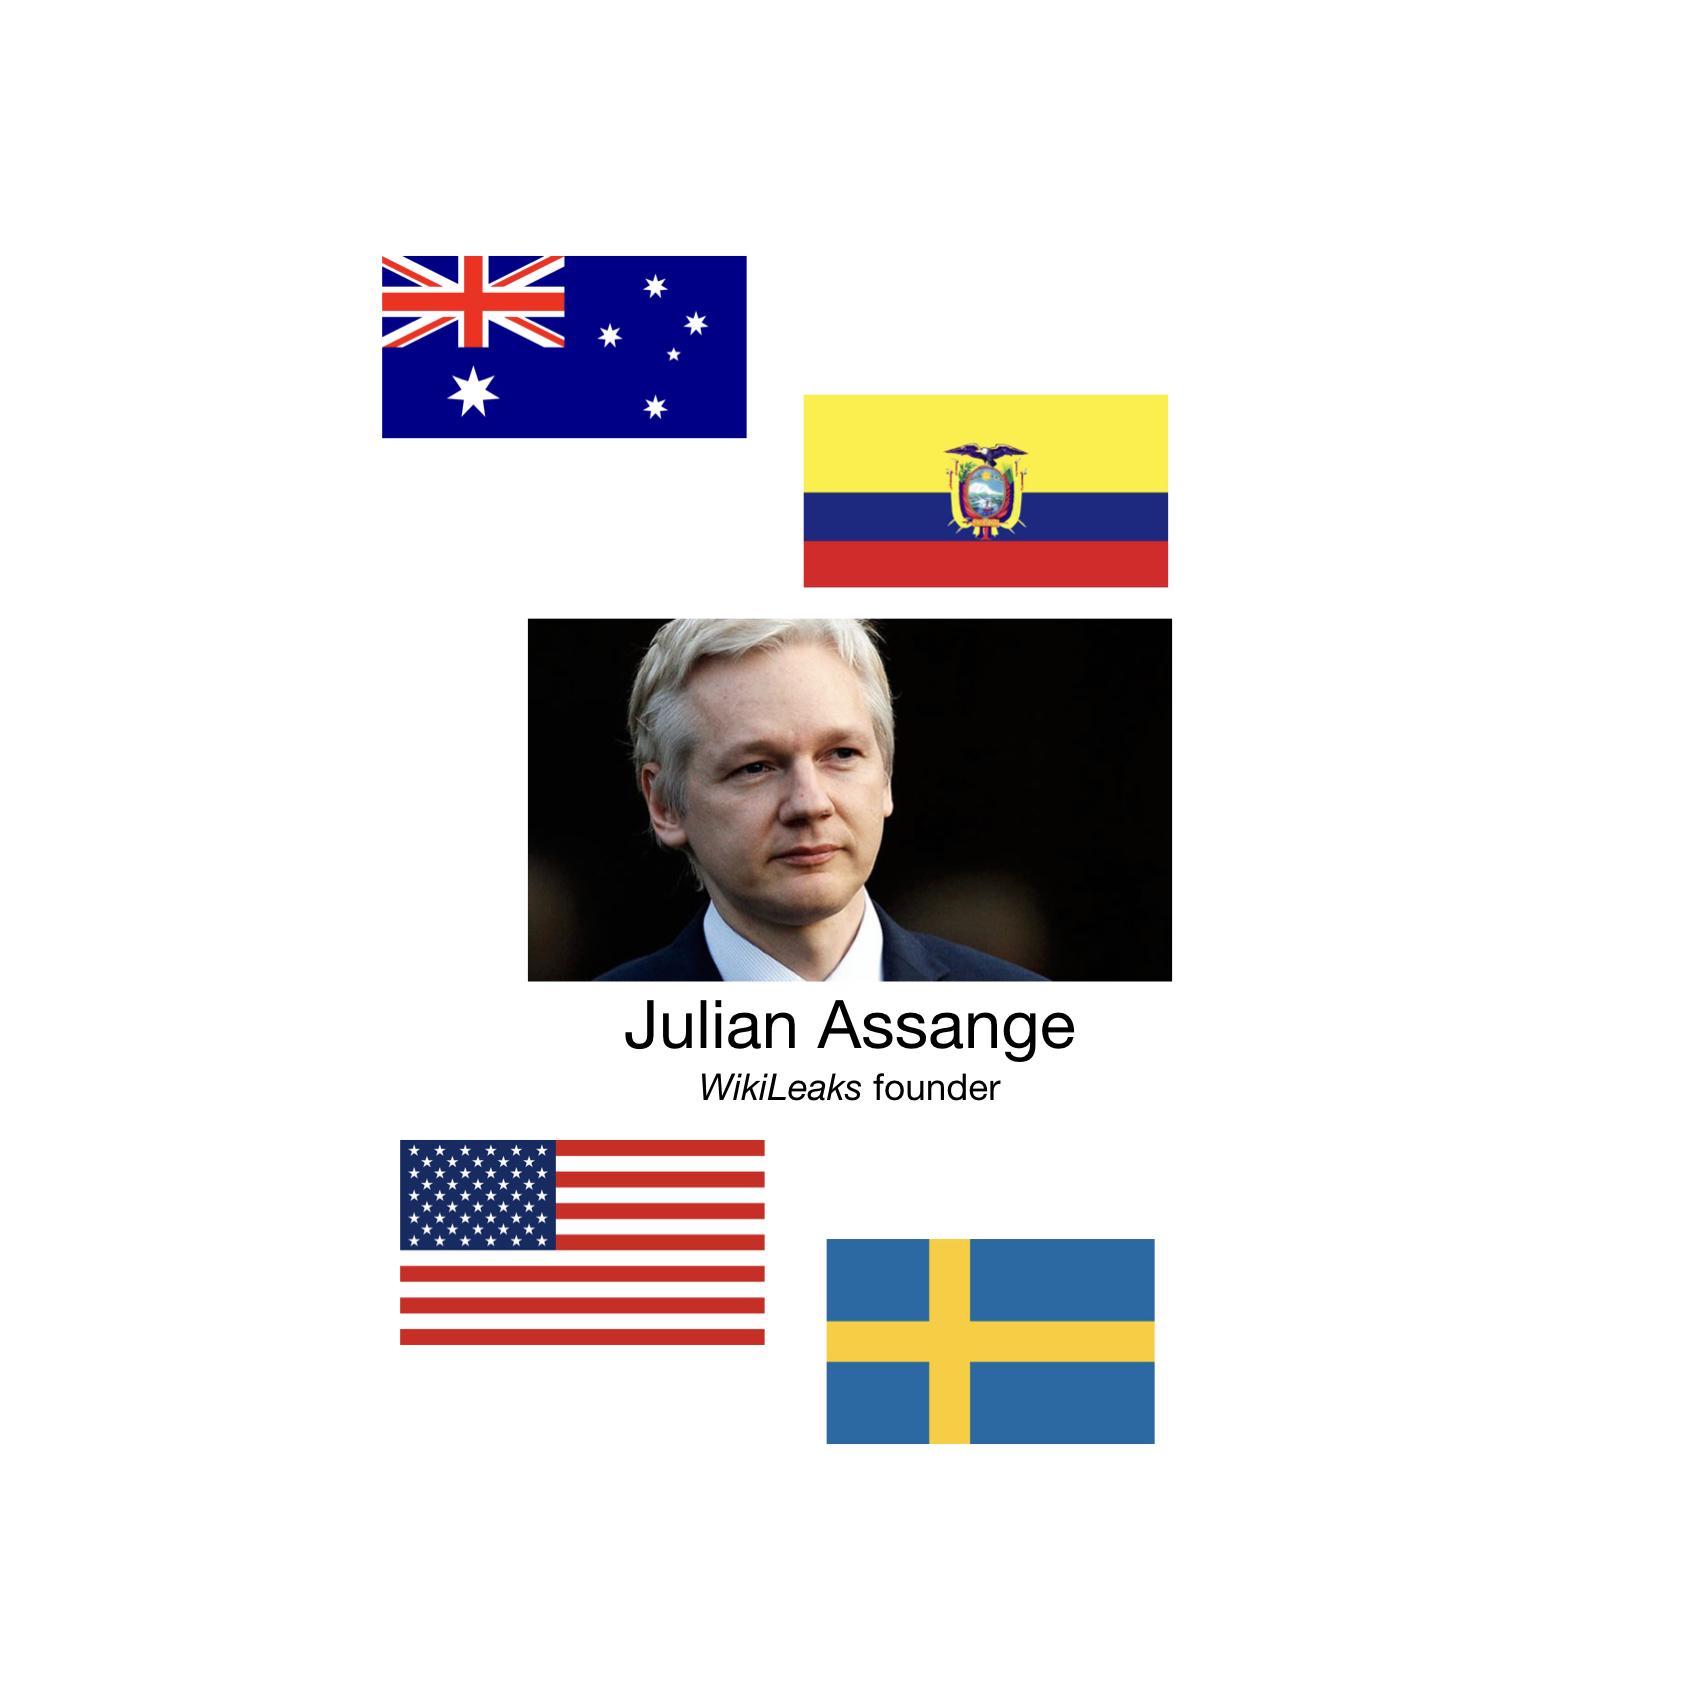 Freedom of speech-WikiLeaks-First Amendment-Julian Assange 4